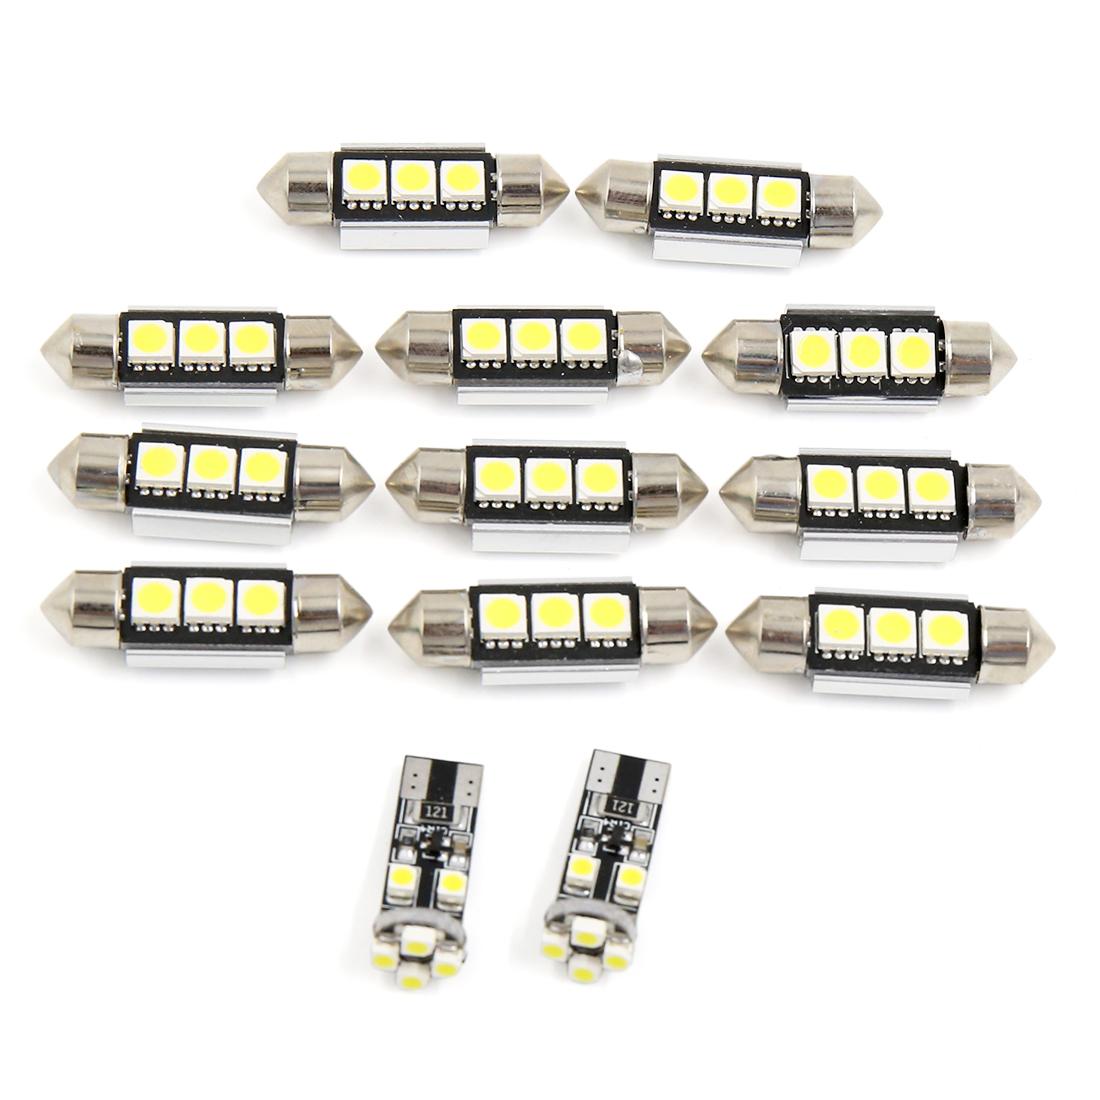 13PCS White Car Interior Reading Lamp LED Light Kit No Error for Audi A8 / S8 (D3) 2002-2009